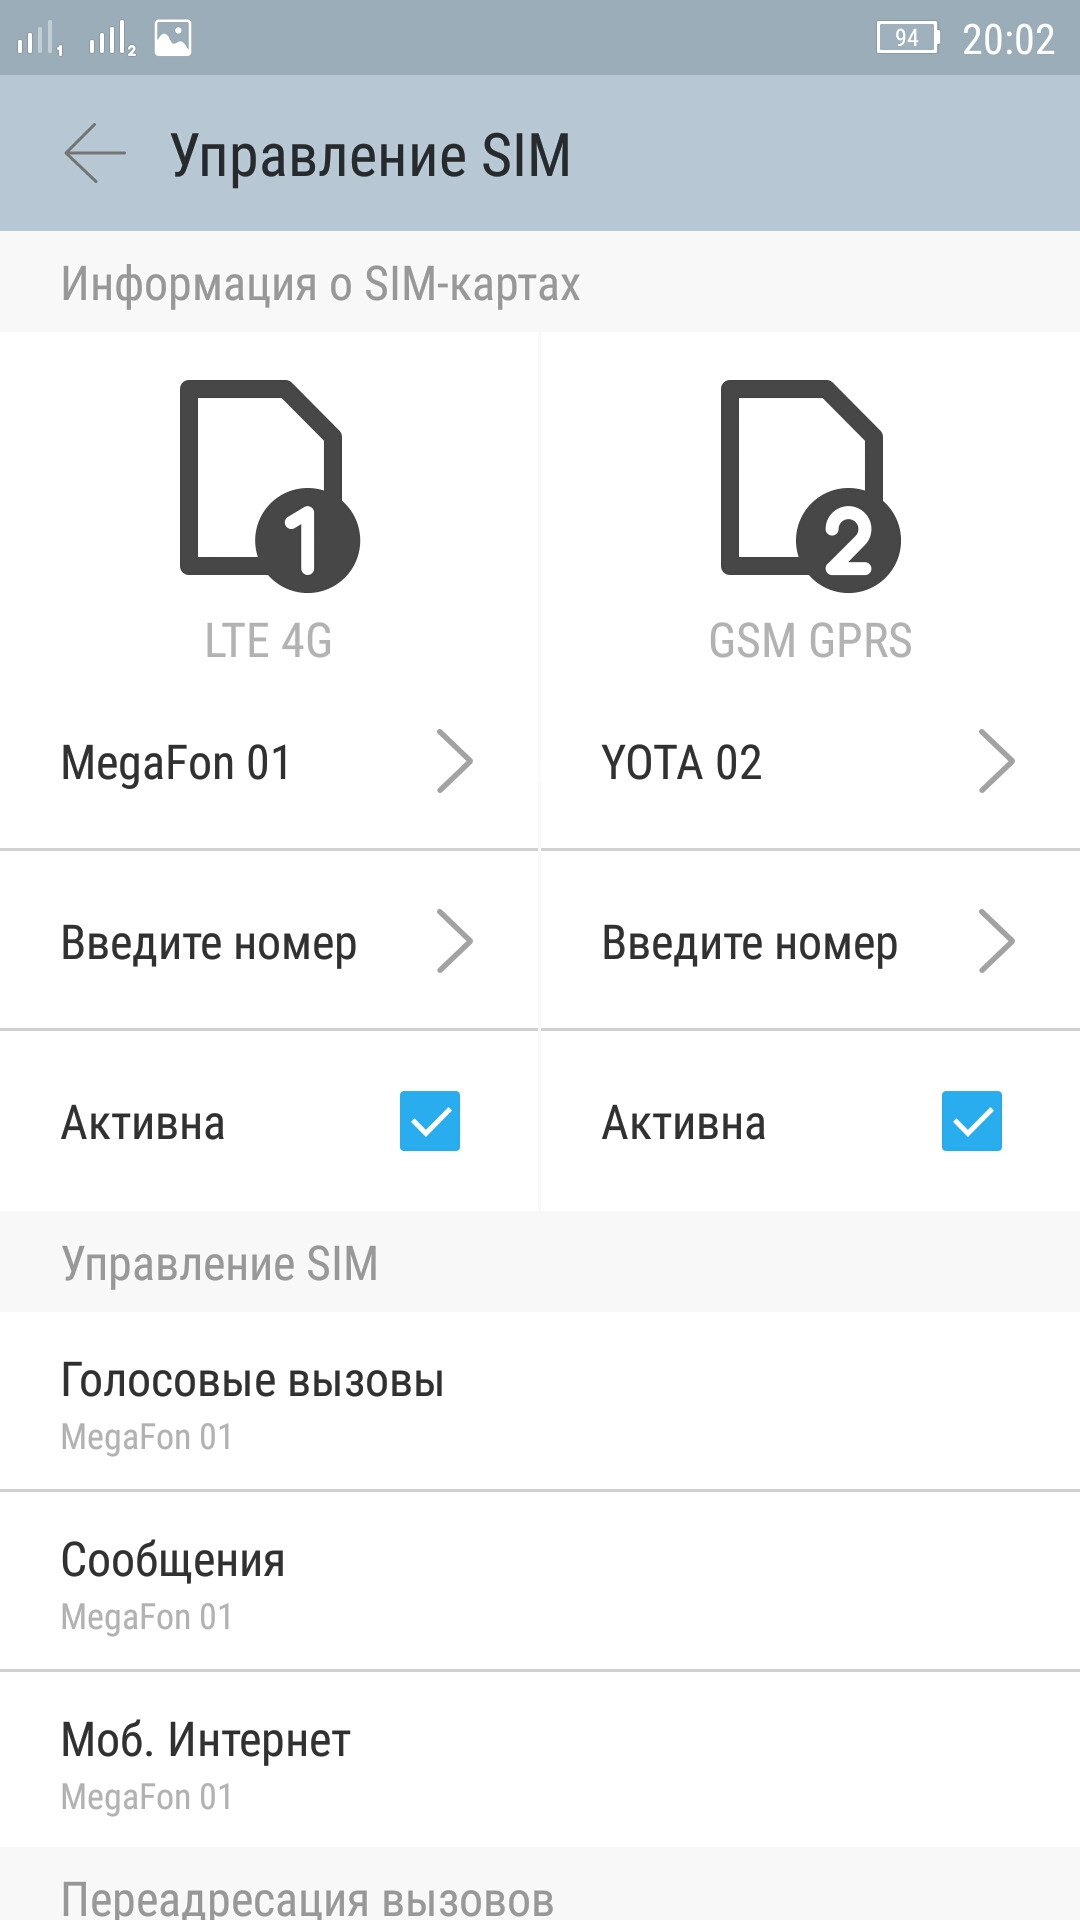 Как в мегафоне сделать переадресацию если не доступен